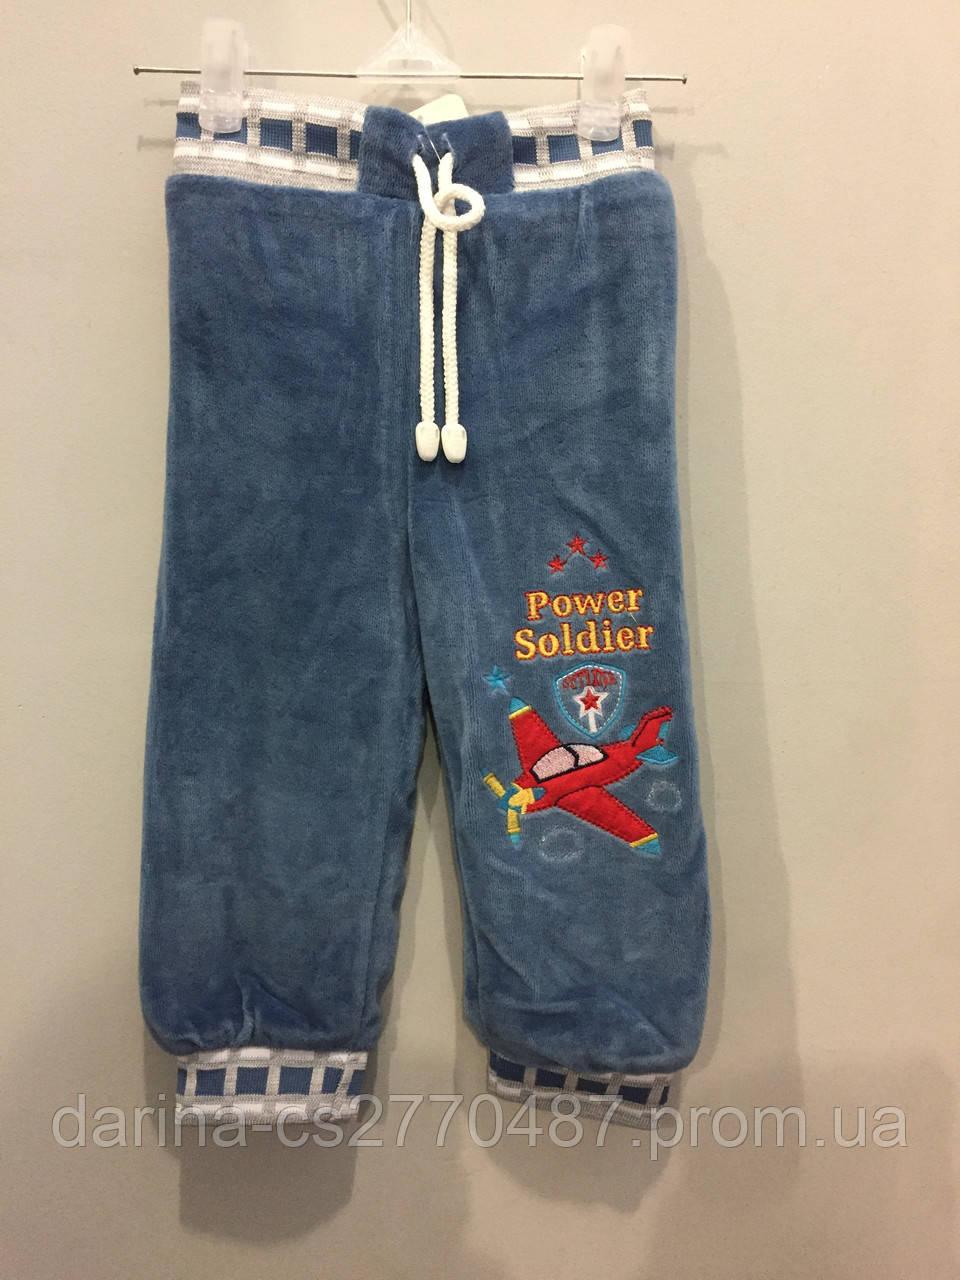 Теплые велюровые штаны для мальчика